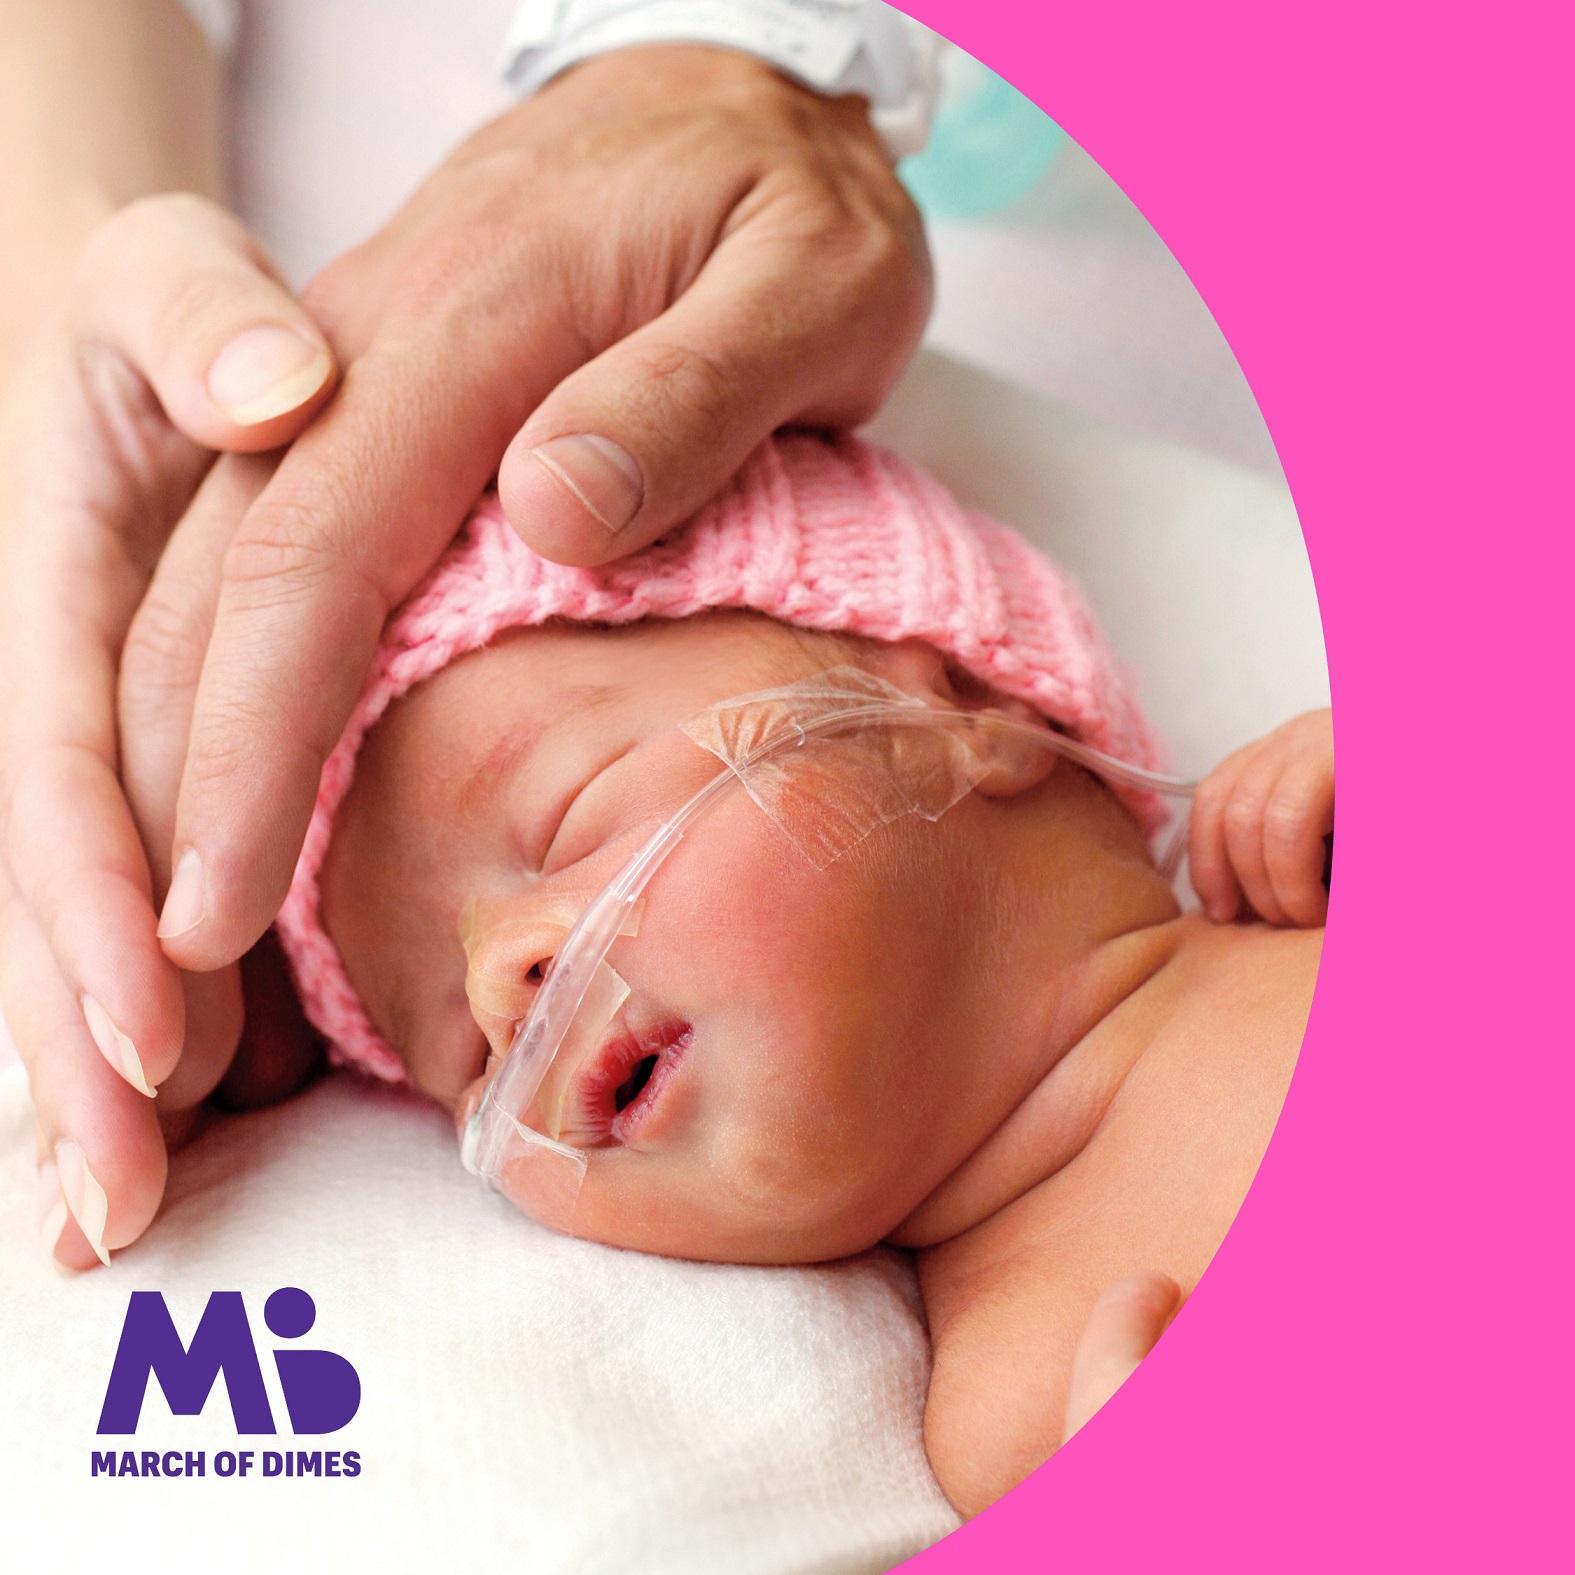 Cómo cuidar de sí misma mientras su bebé se encuentra en la NICU